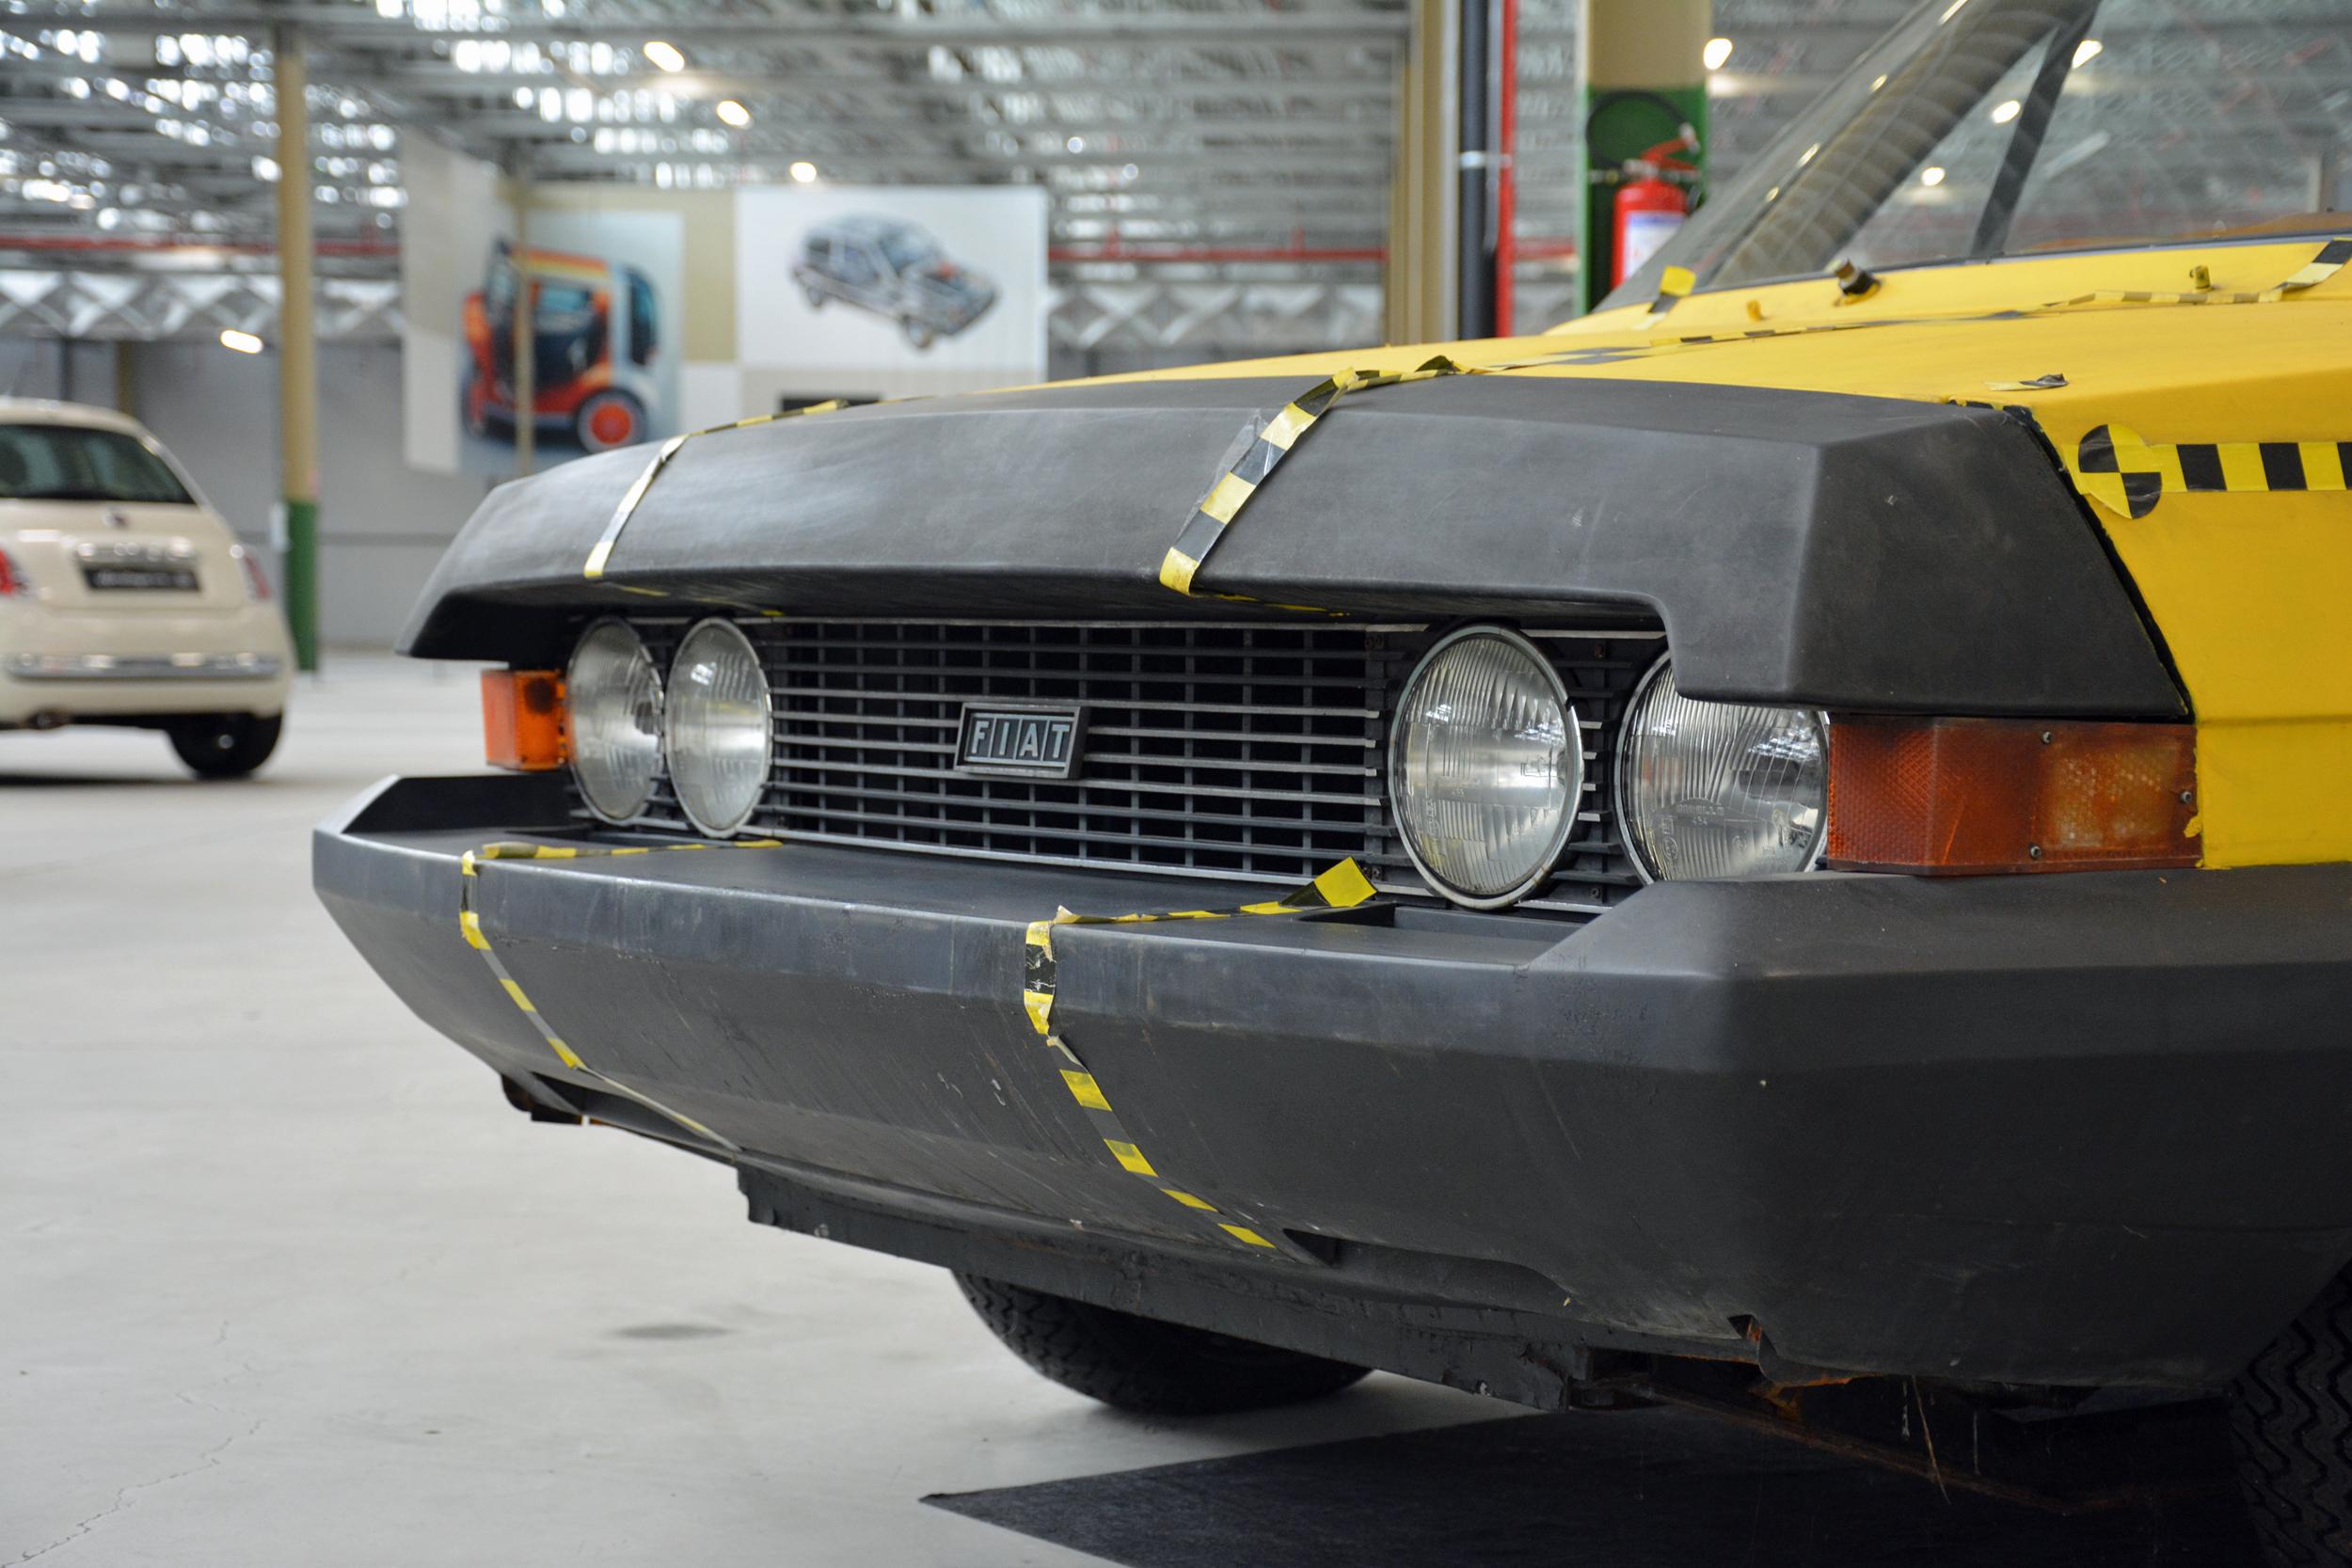 1972 fiat esv 2000 front grille fascia detail